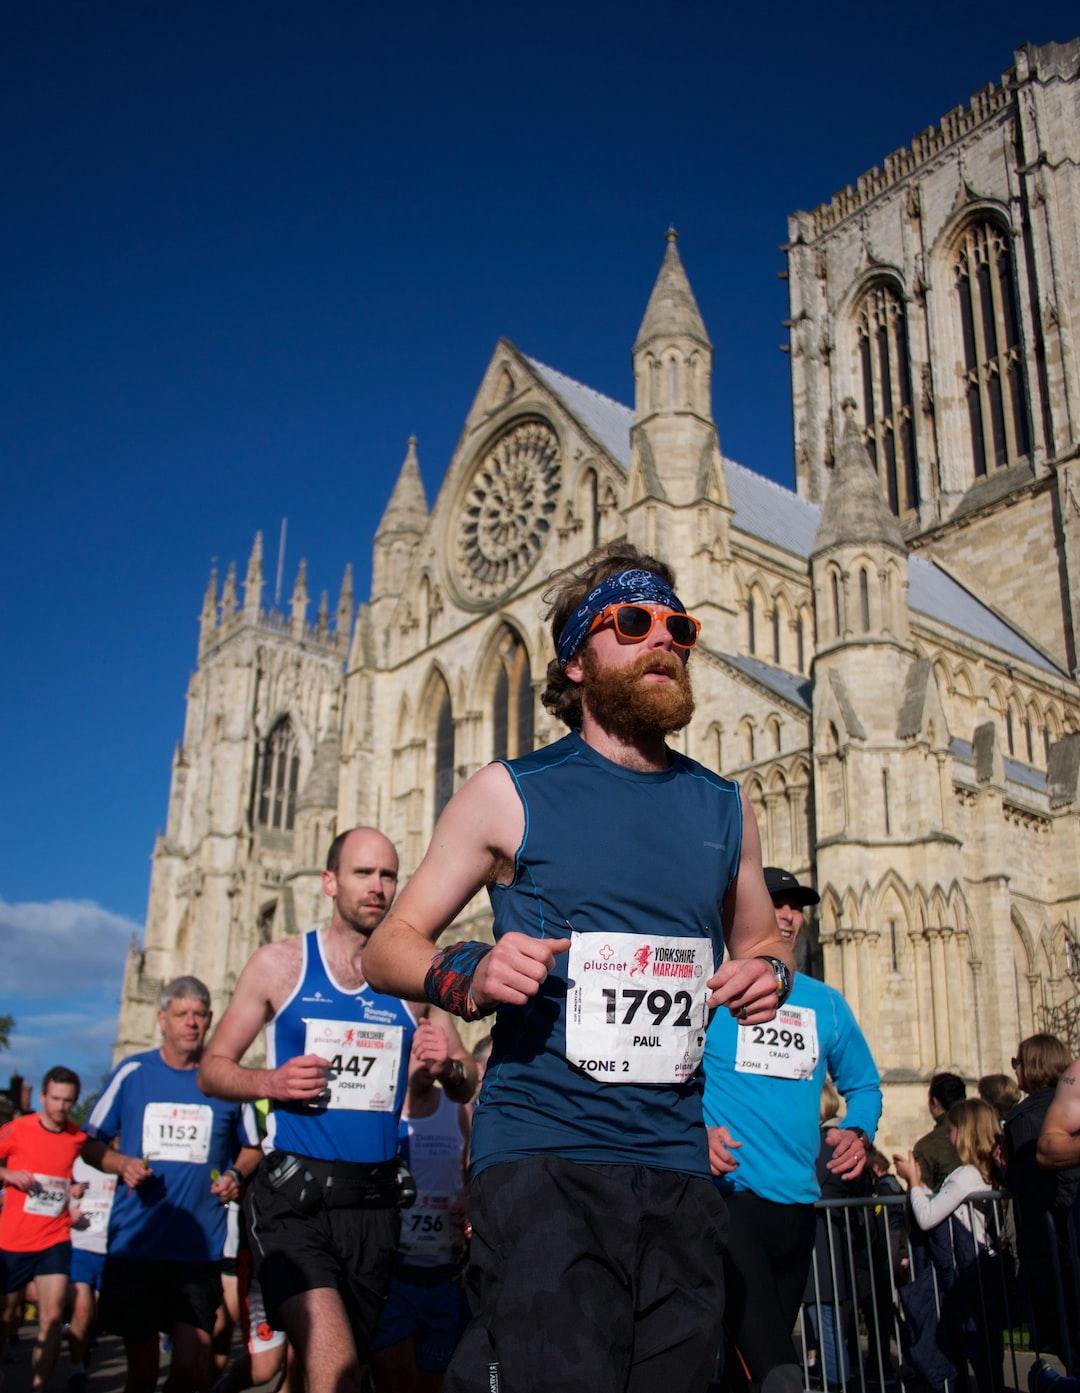 Marathon runner with York Minster behind